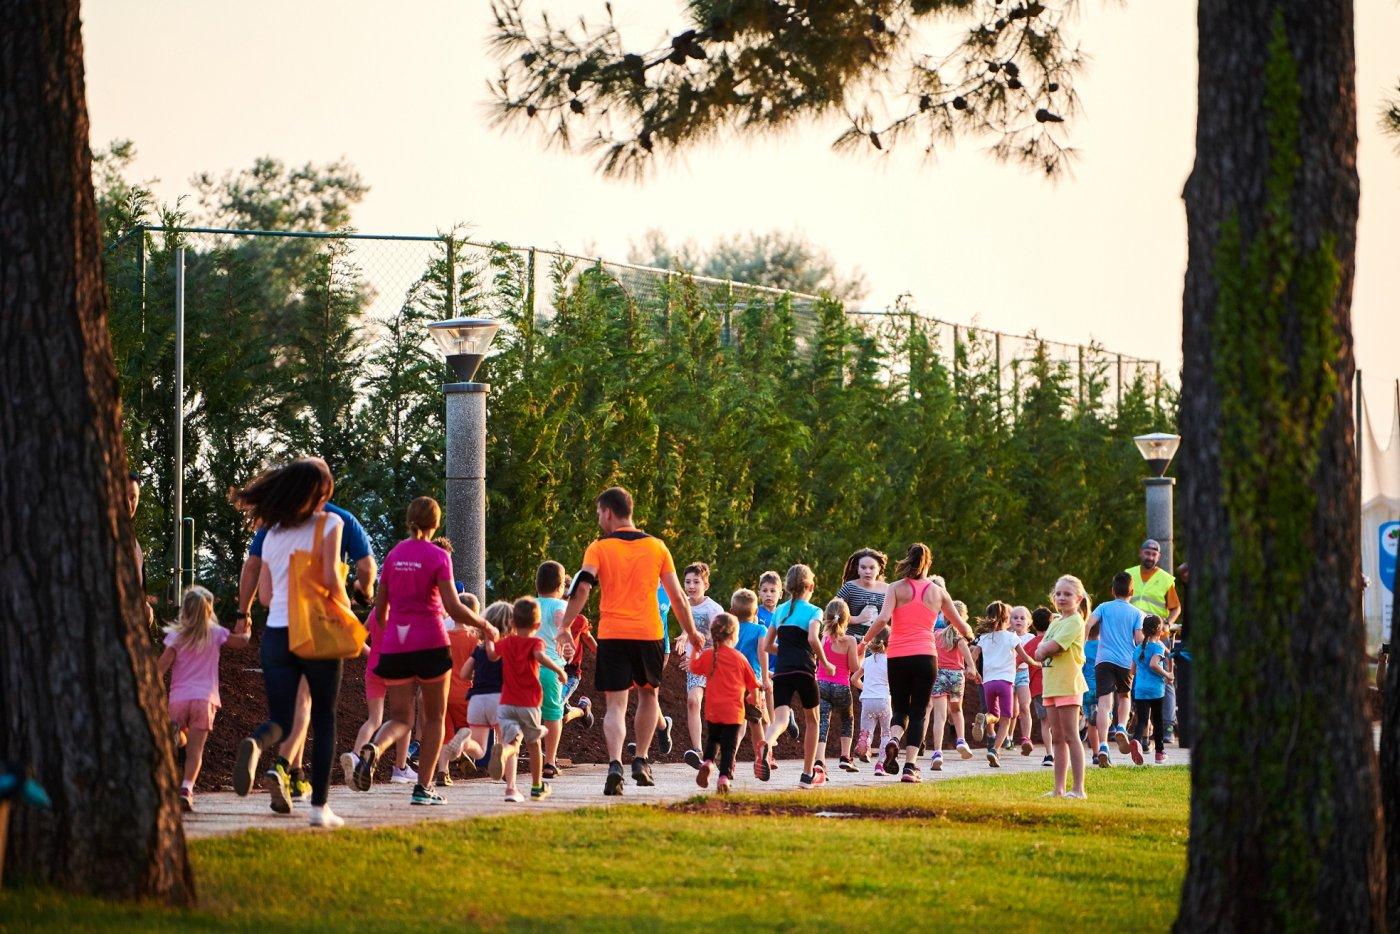 3sporta com | Više od trčanja | Stranica 7